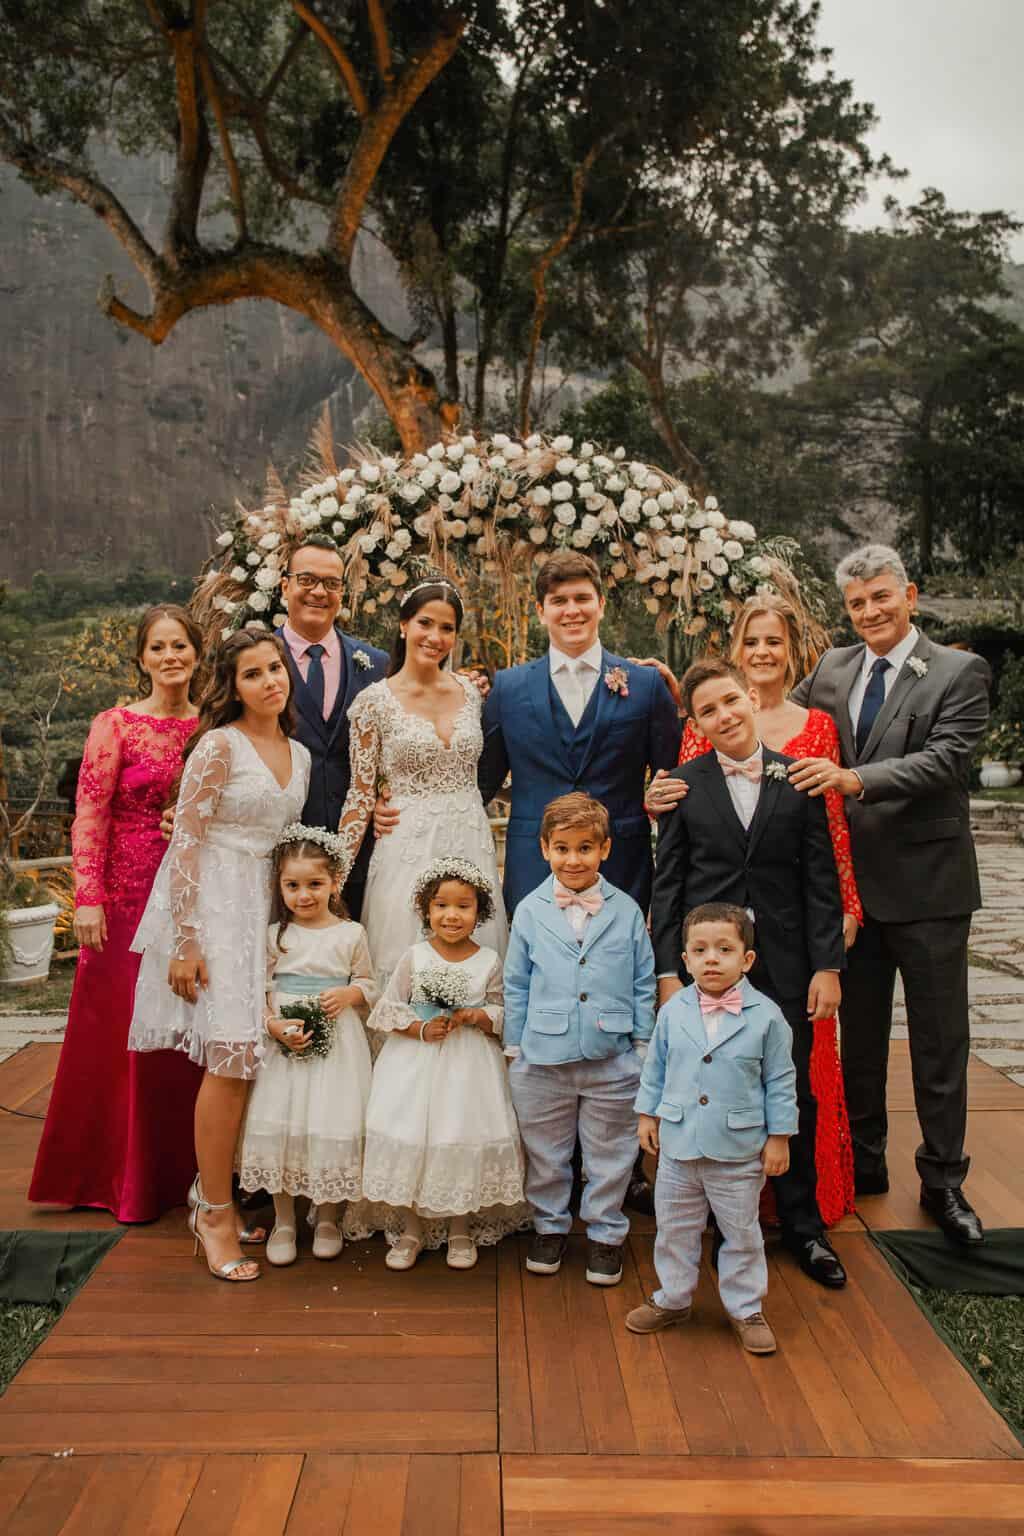 casamento-Beatriz-e-Joao-Fernando-cerimonia-ao-ar-livre-familia-da-noiva-Itaipava-Locanda-Della-Mimosa-Thienny-Tammis173